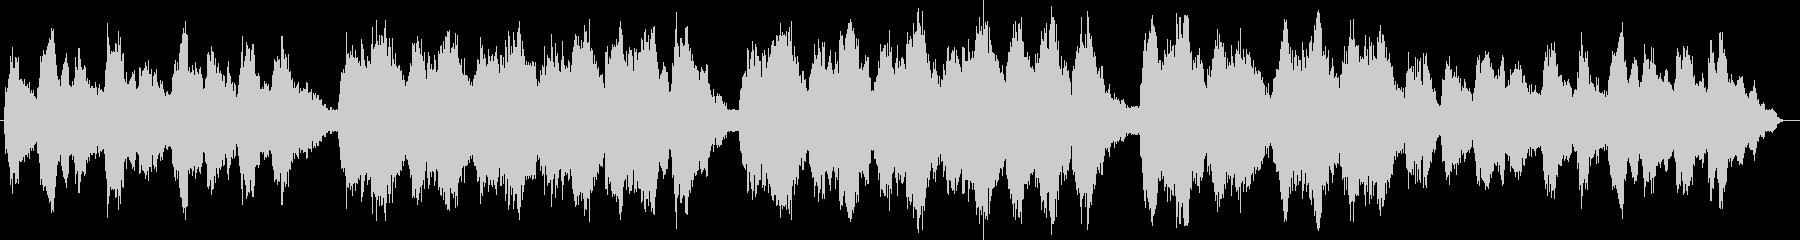 水が輝く印象のシンセサイザーヒーリング曲の未再生の波形